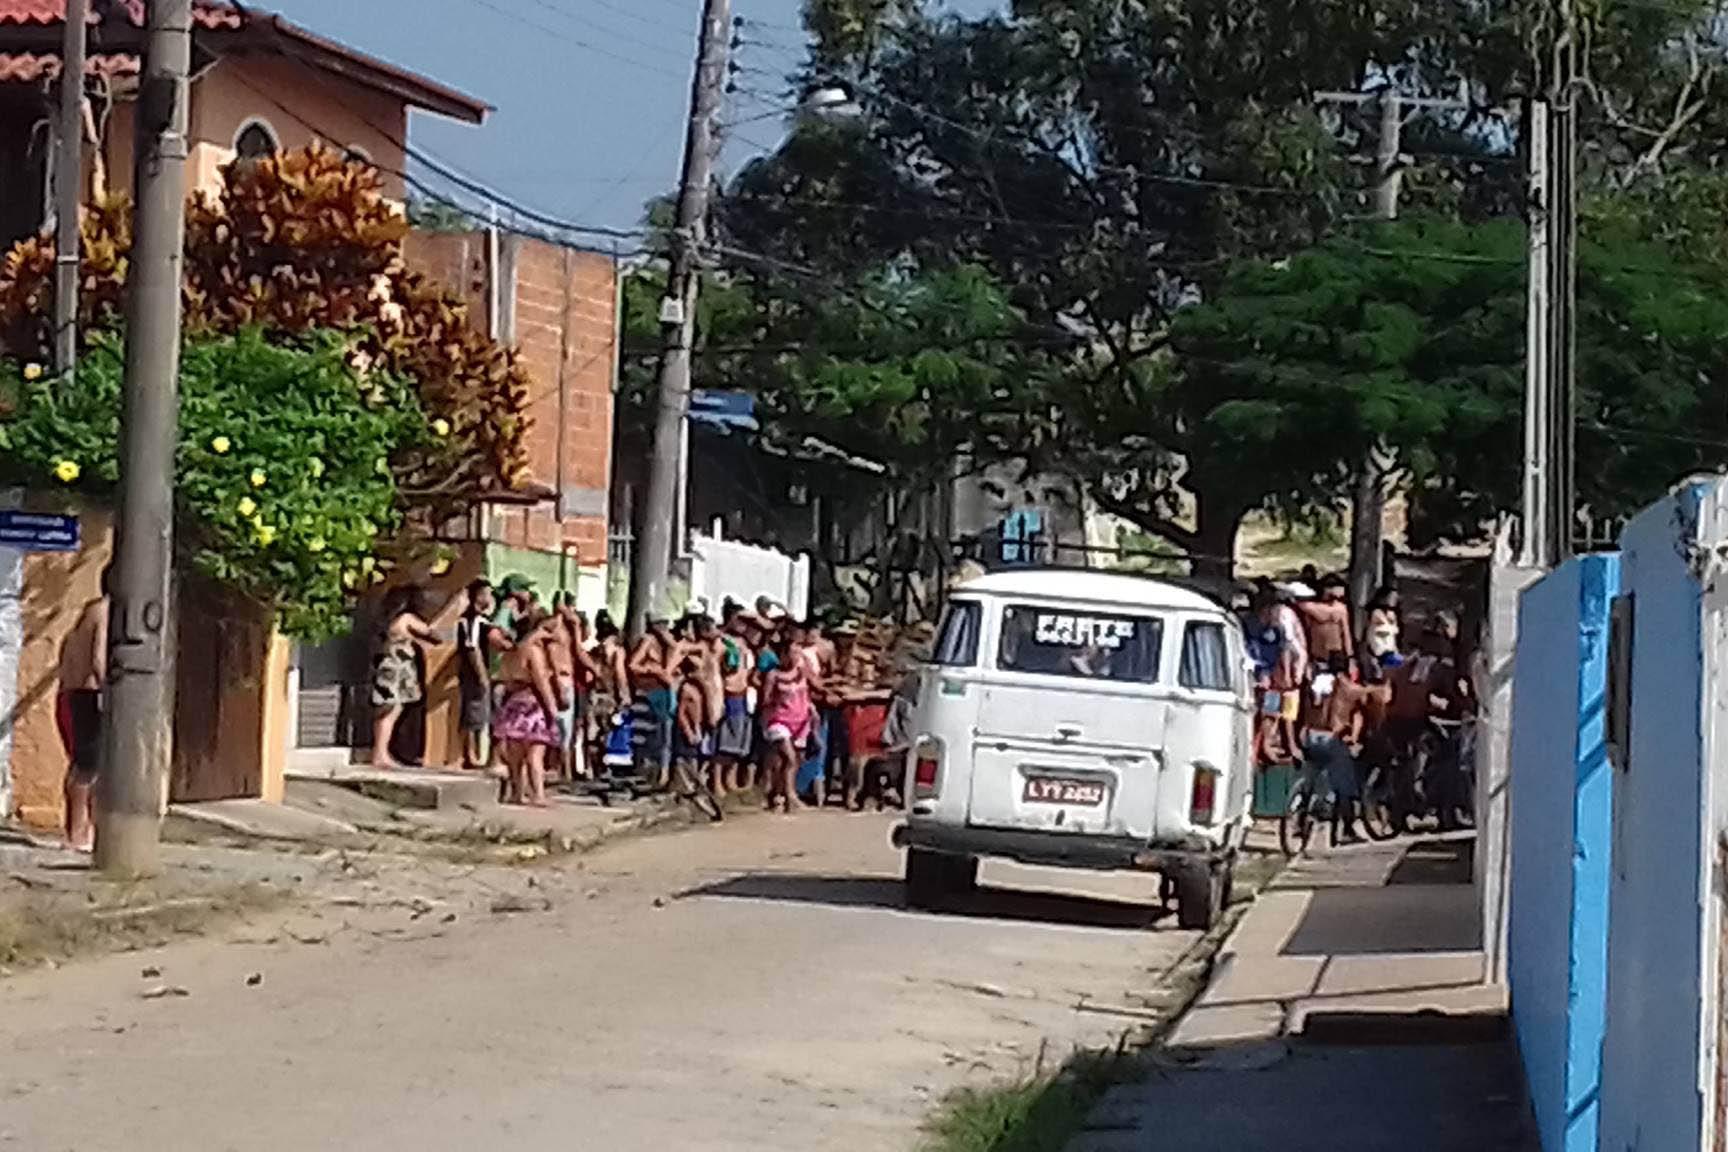 Foto: Gislaine Machado / Divulgação